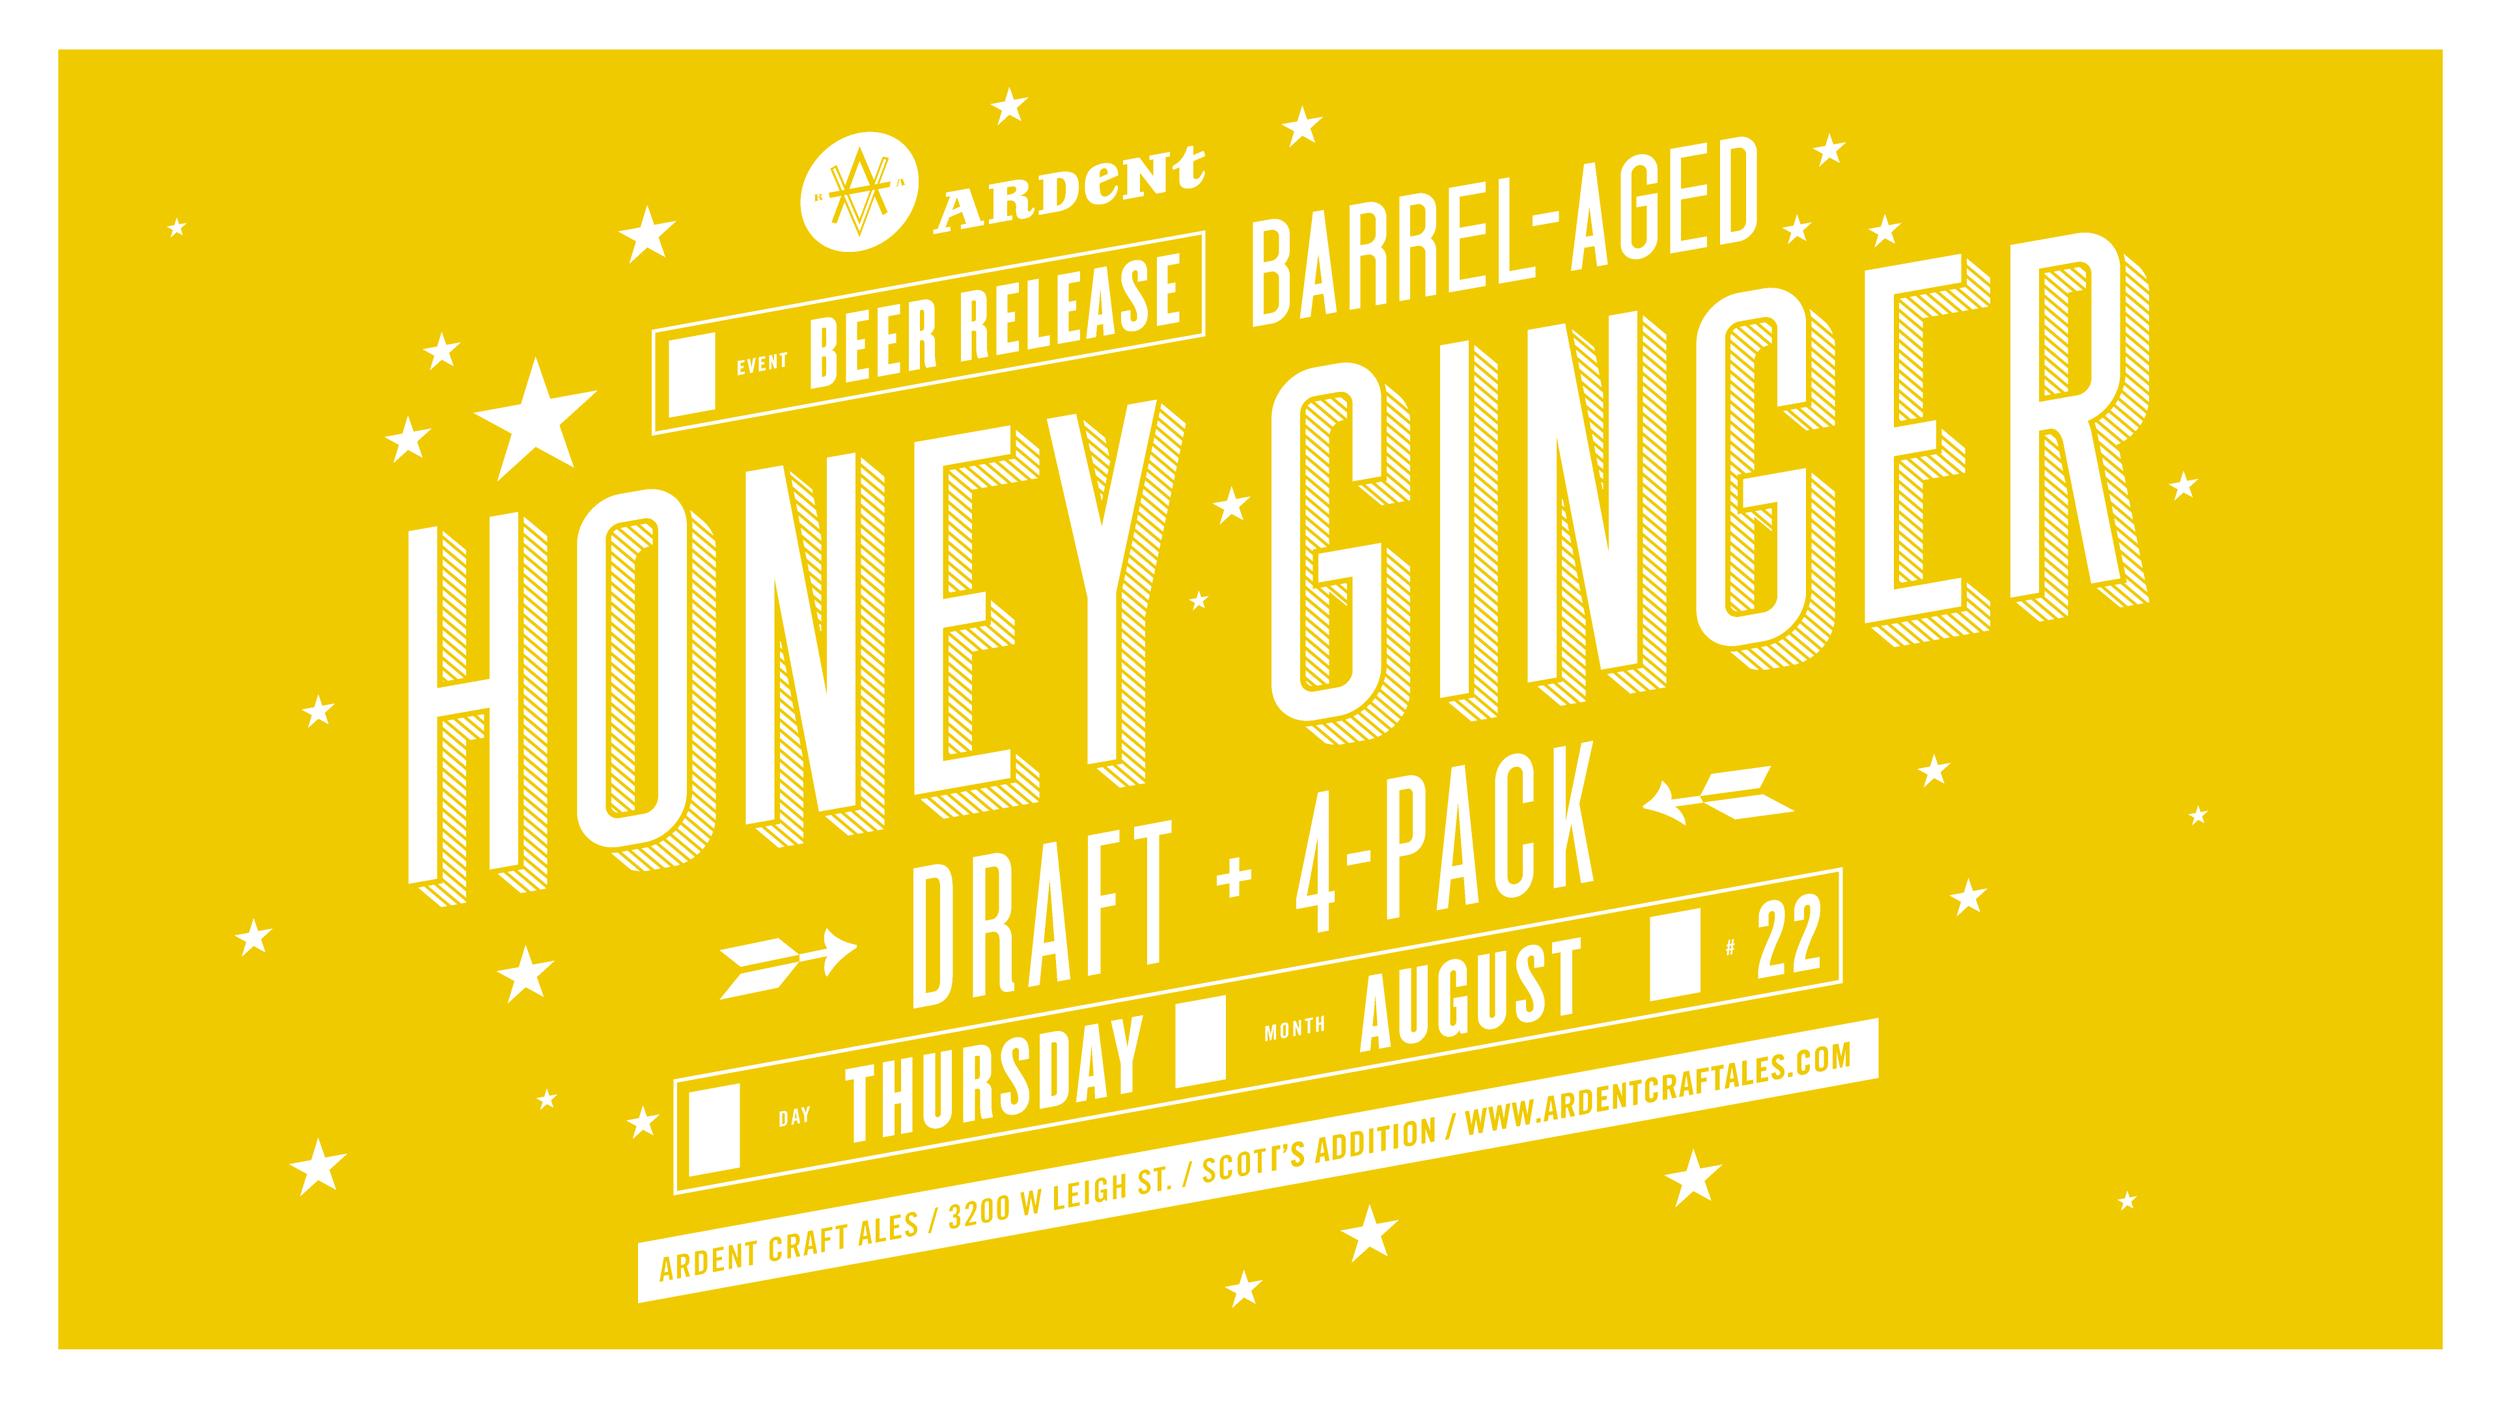 ba-honey-ginger-fb-event.png